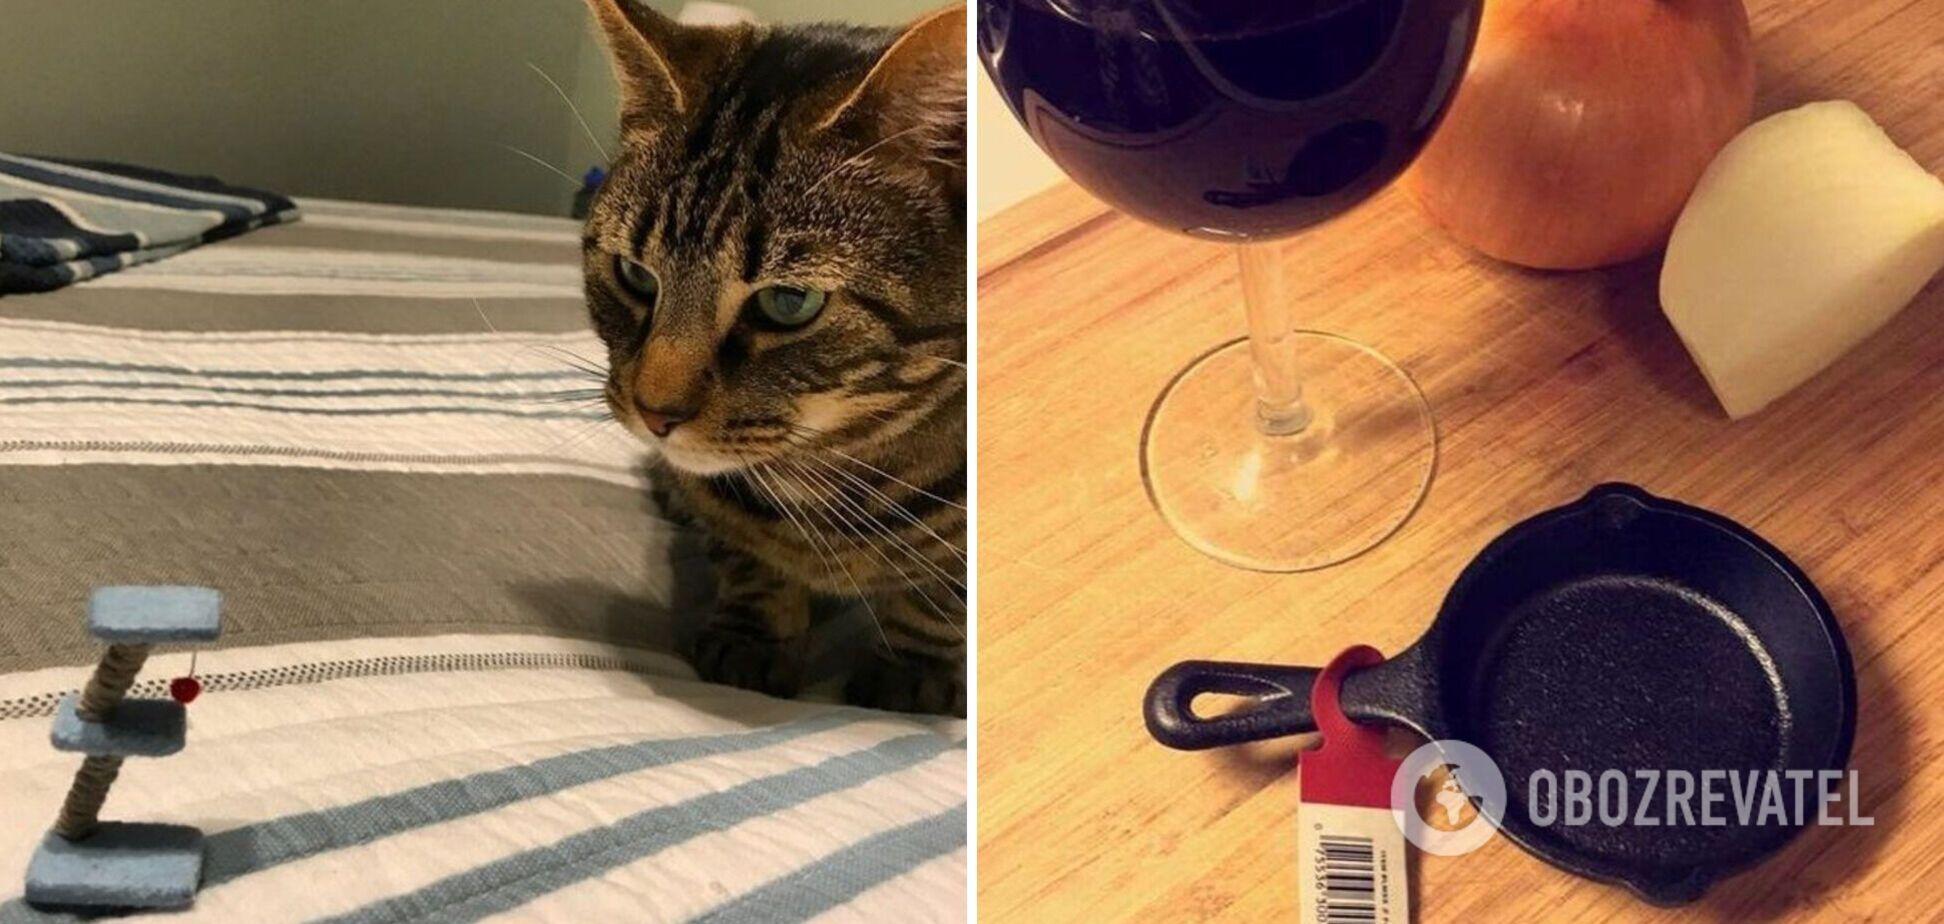 Девушка заказала на китайском сайте игрушку для кота и сковородку, но не знала, что это мини-версия